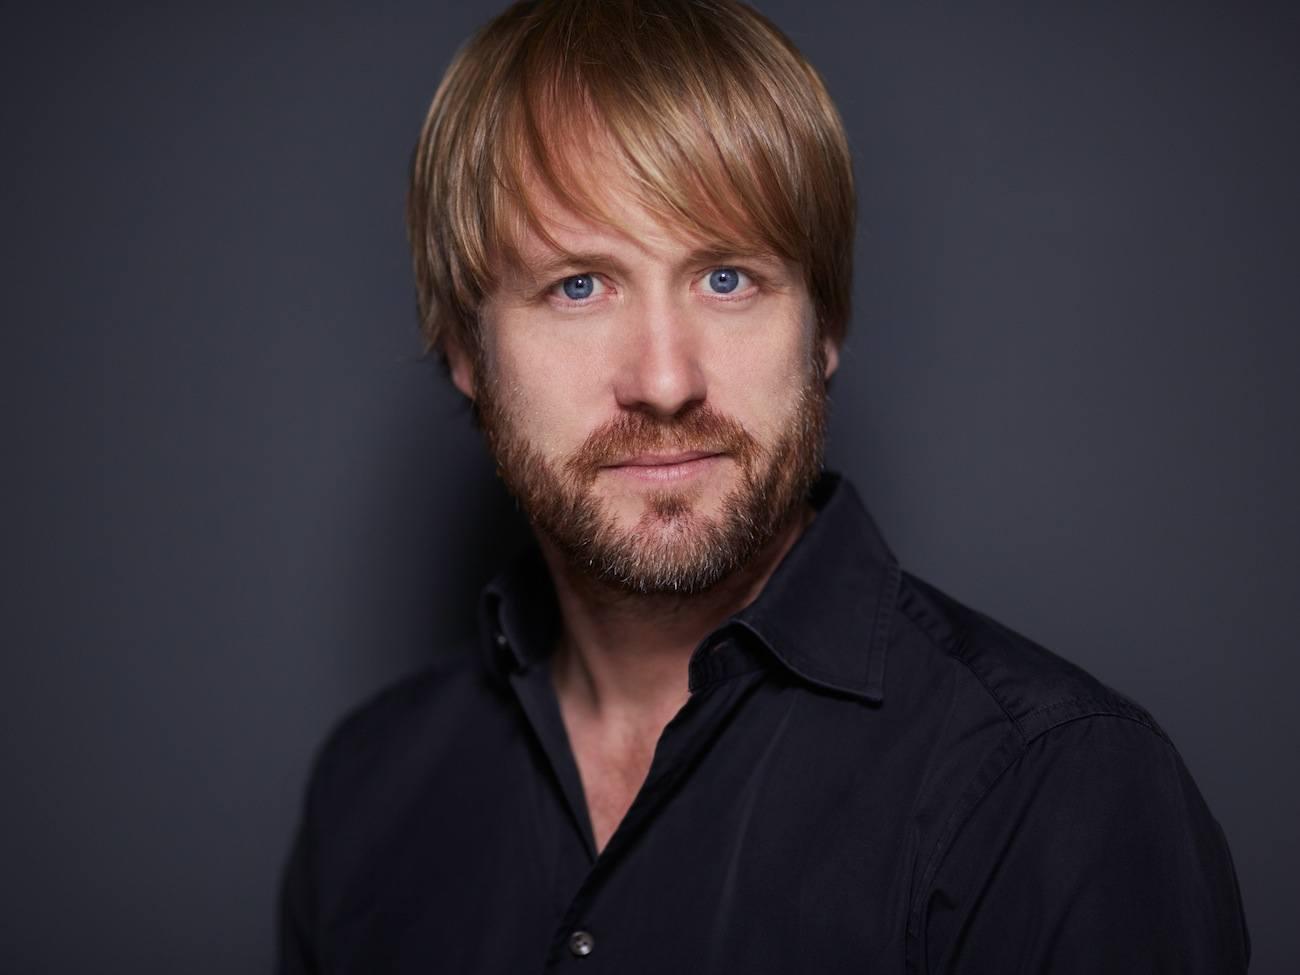 Florian Grimm